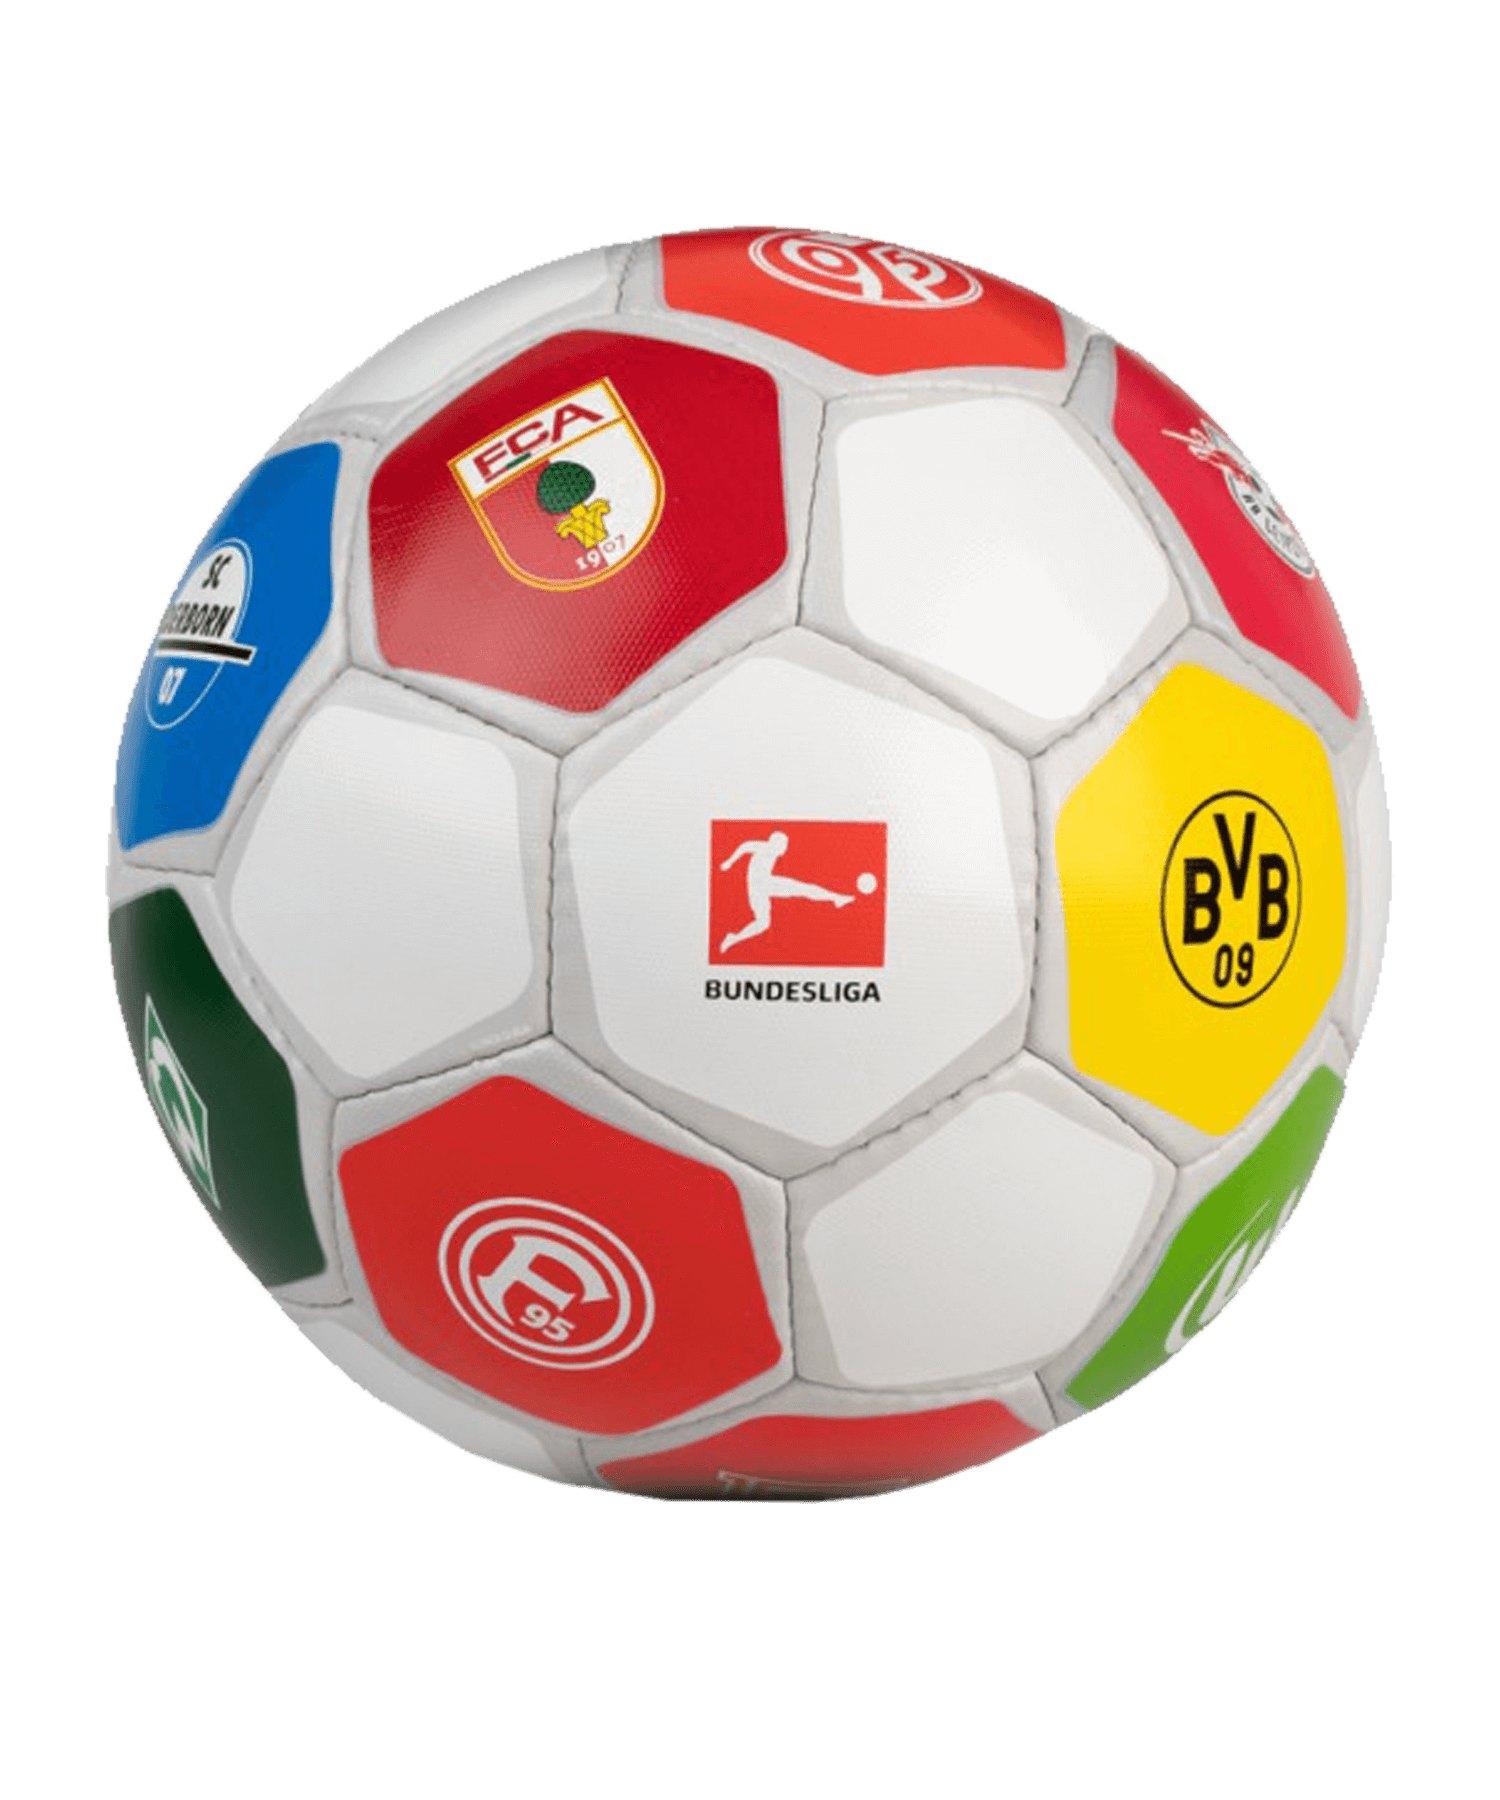 Derbystar Clublogo Pro Special Trainingsball Gr.5 Weiss F18 19/20 - weiss